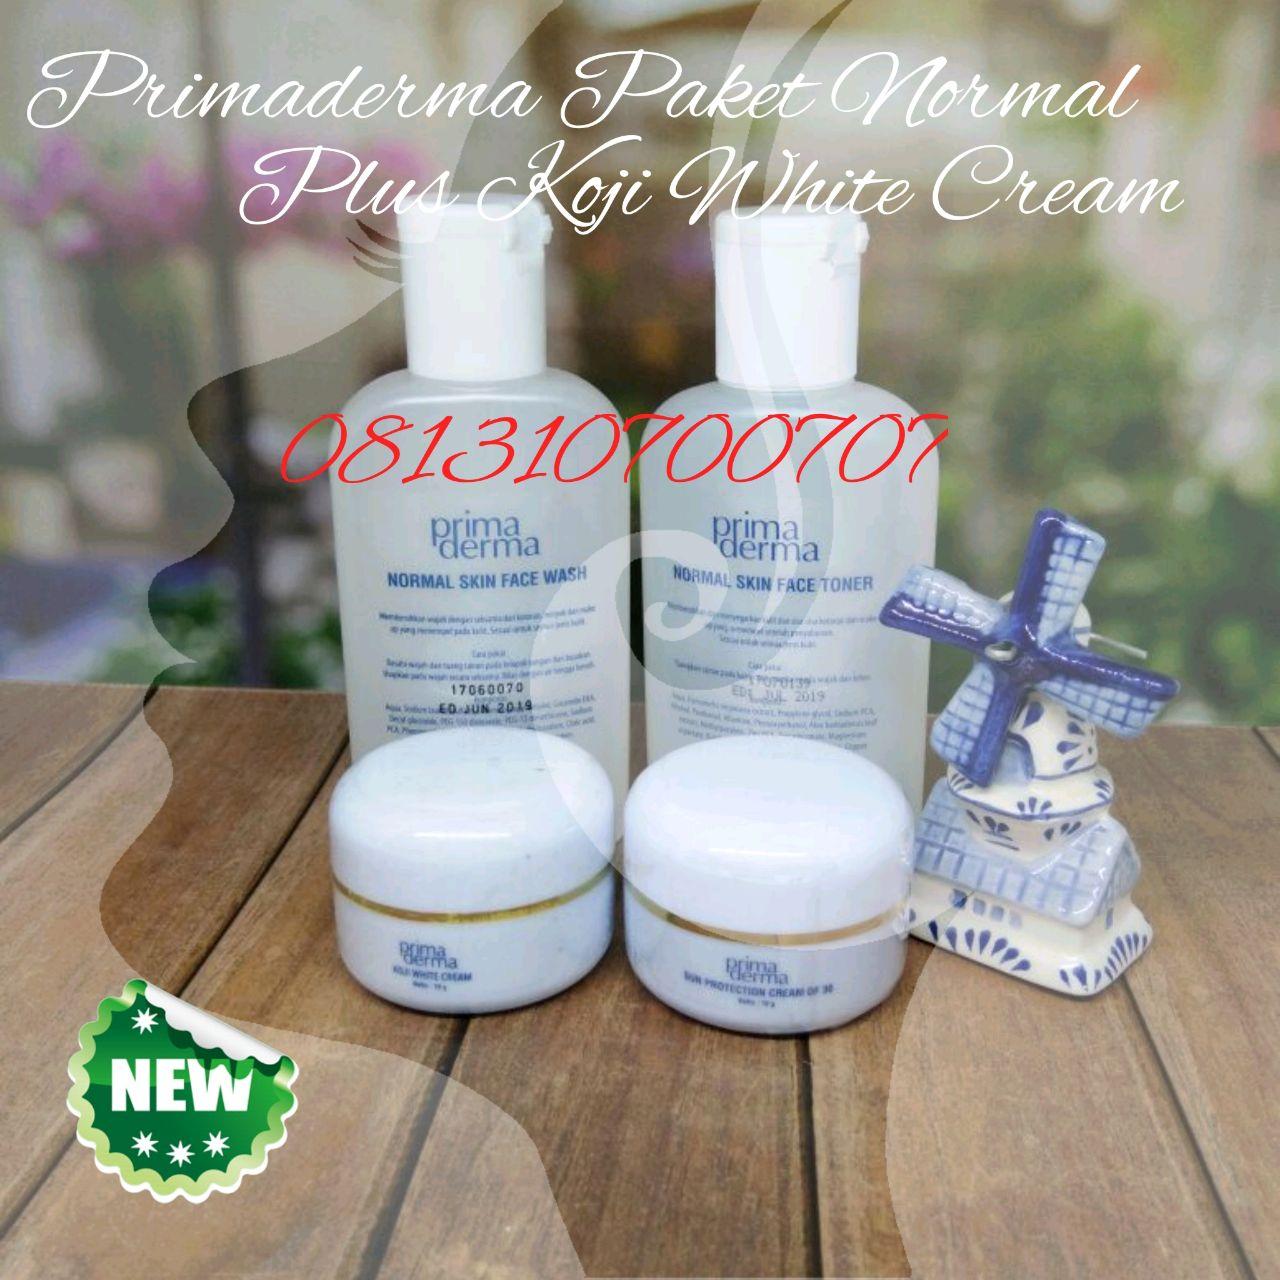 Jual Cream Wajah Theraskin Asli Harga Murah Paket Normal Bpom Serum Pemutih Pria Terbaik Whitening